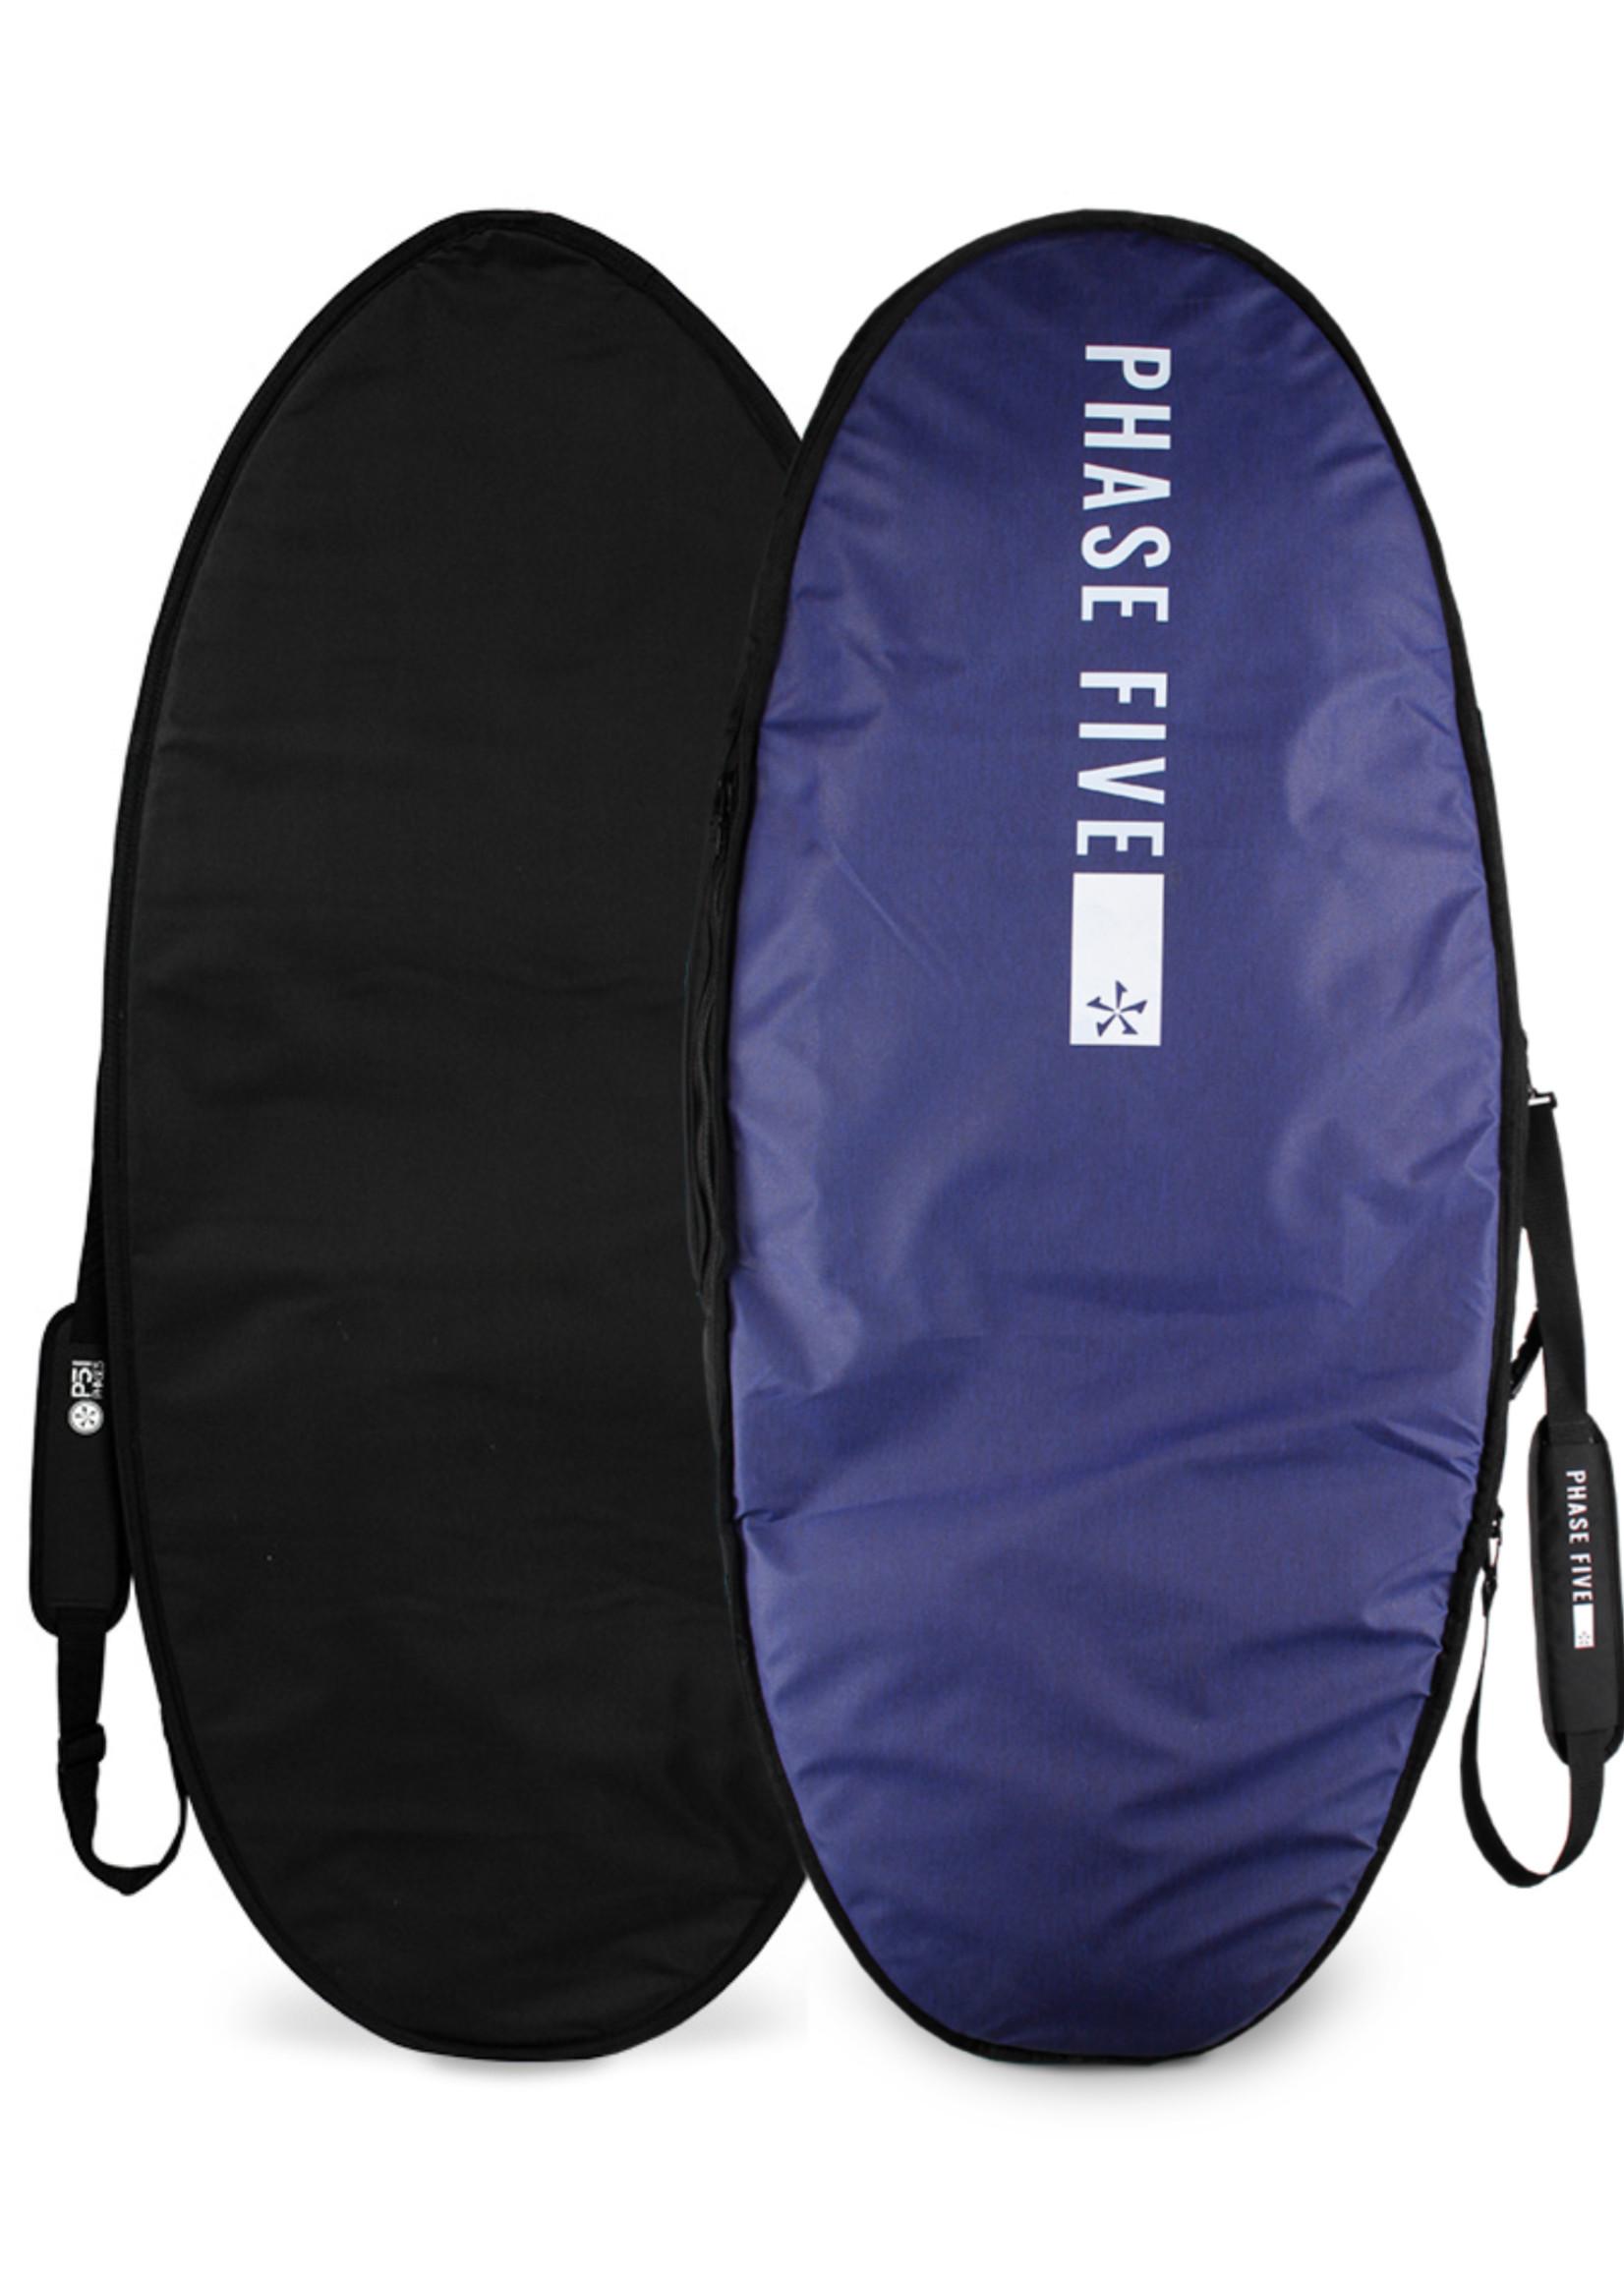 Phase Five Phase Five Deluxe Reisetasche für Wakesurfbretter